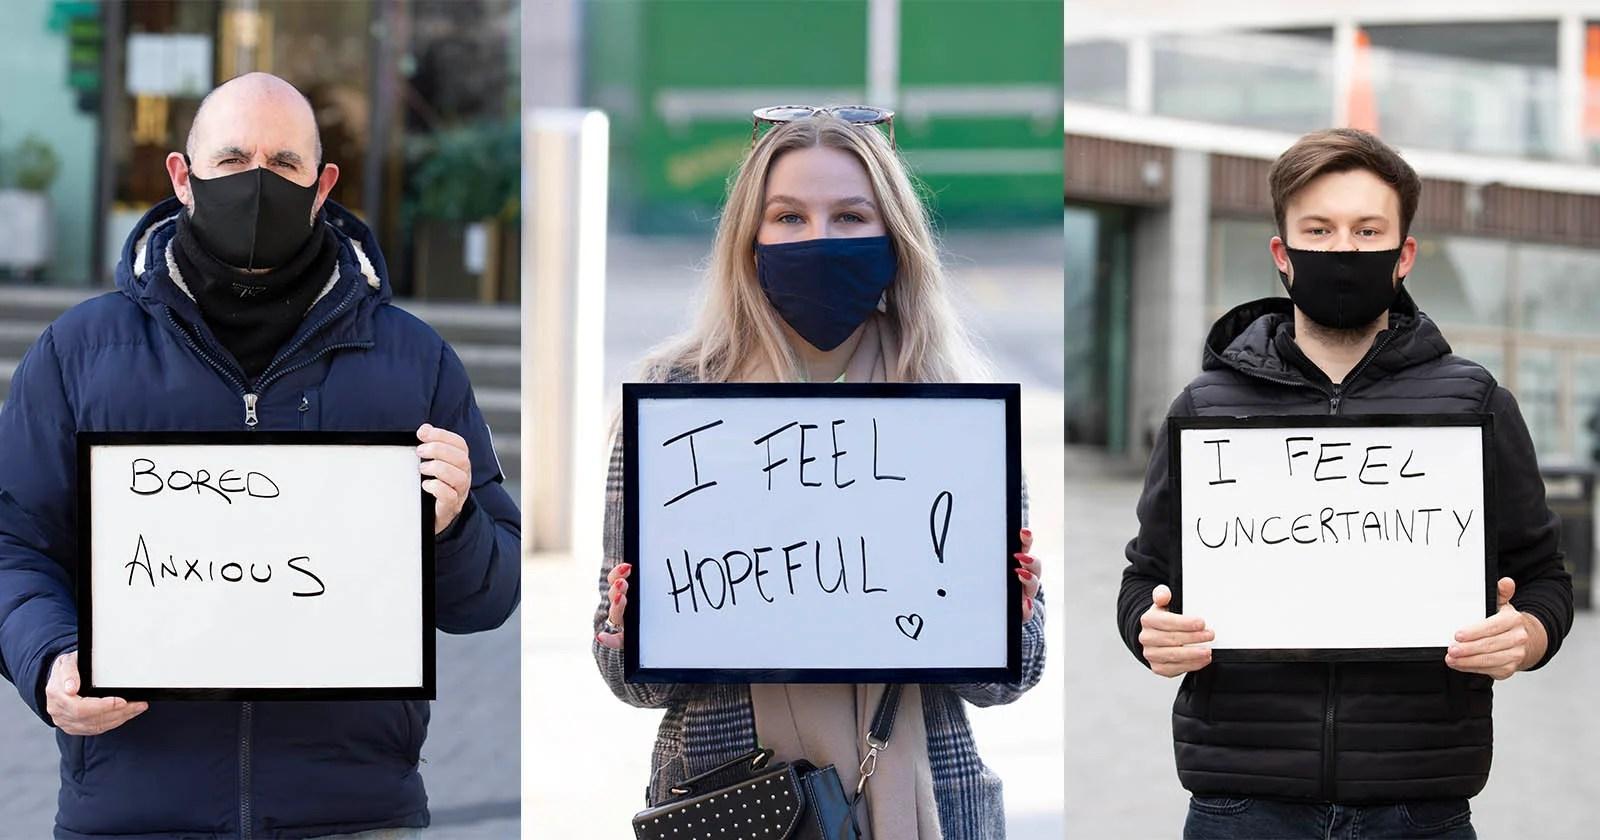 Serie di foto mostra emozioni pandemiche, avvia colloqui sulla salute mentale